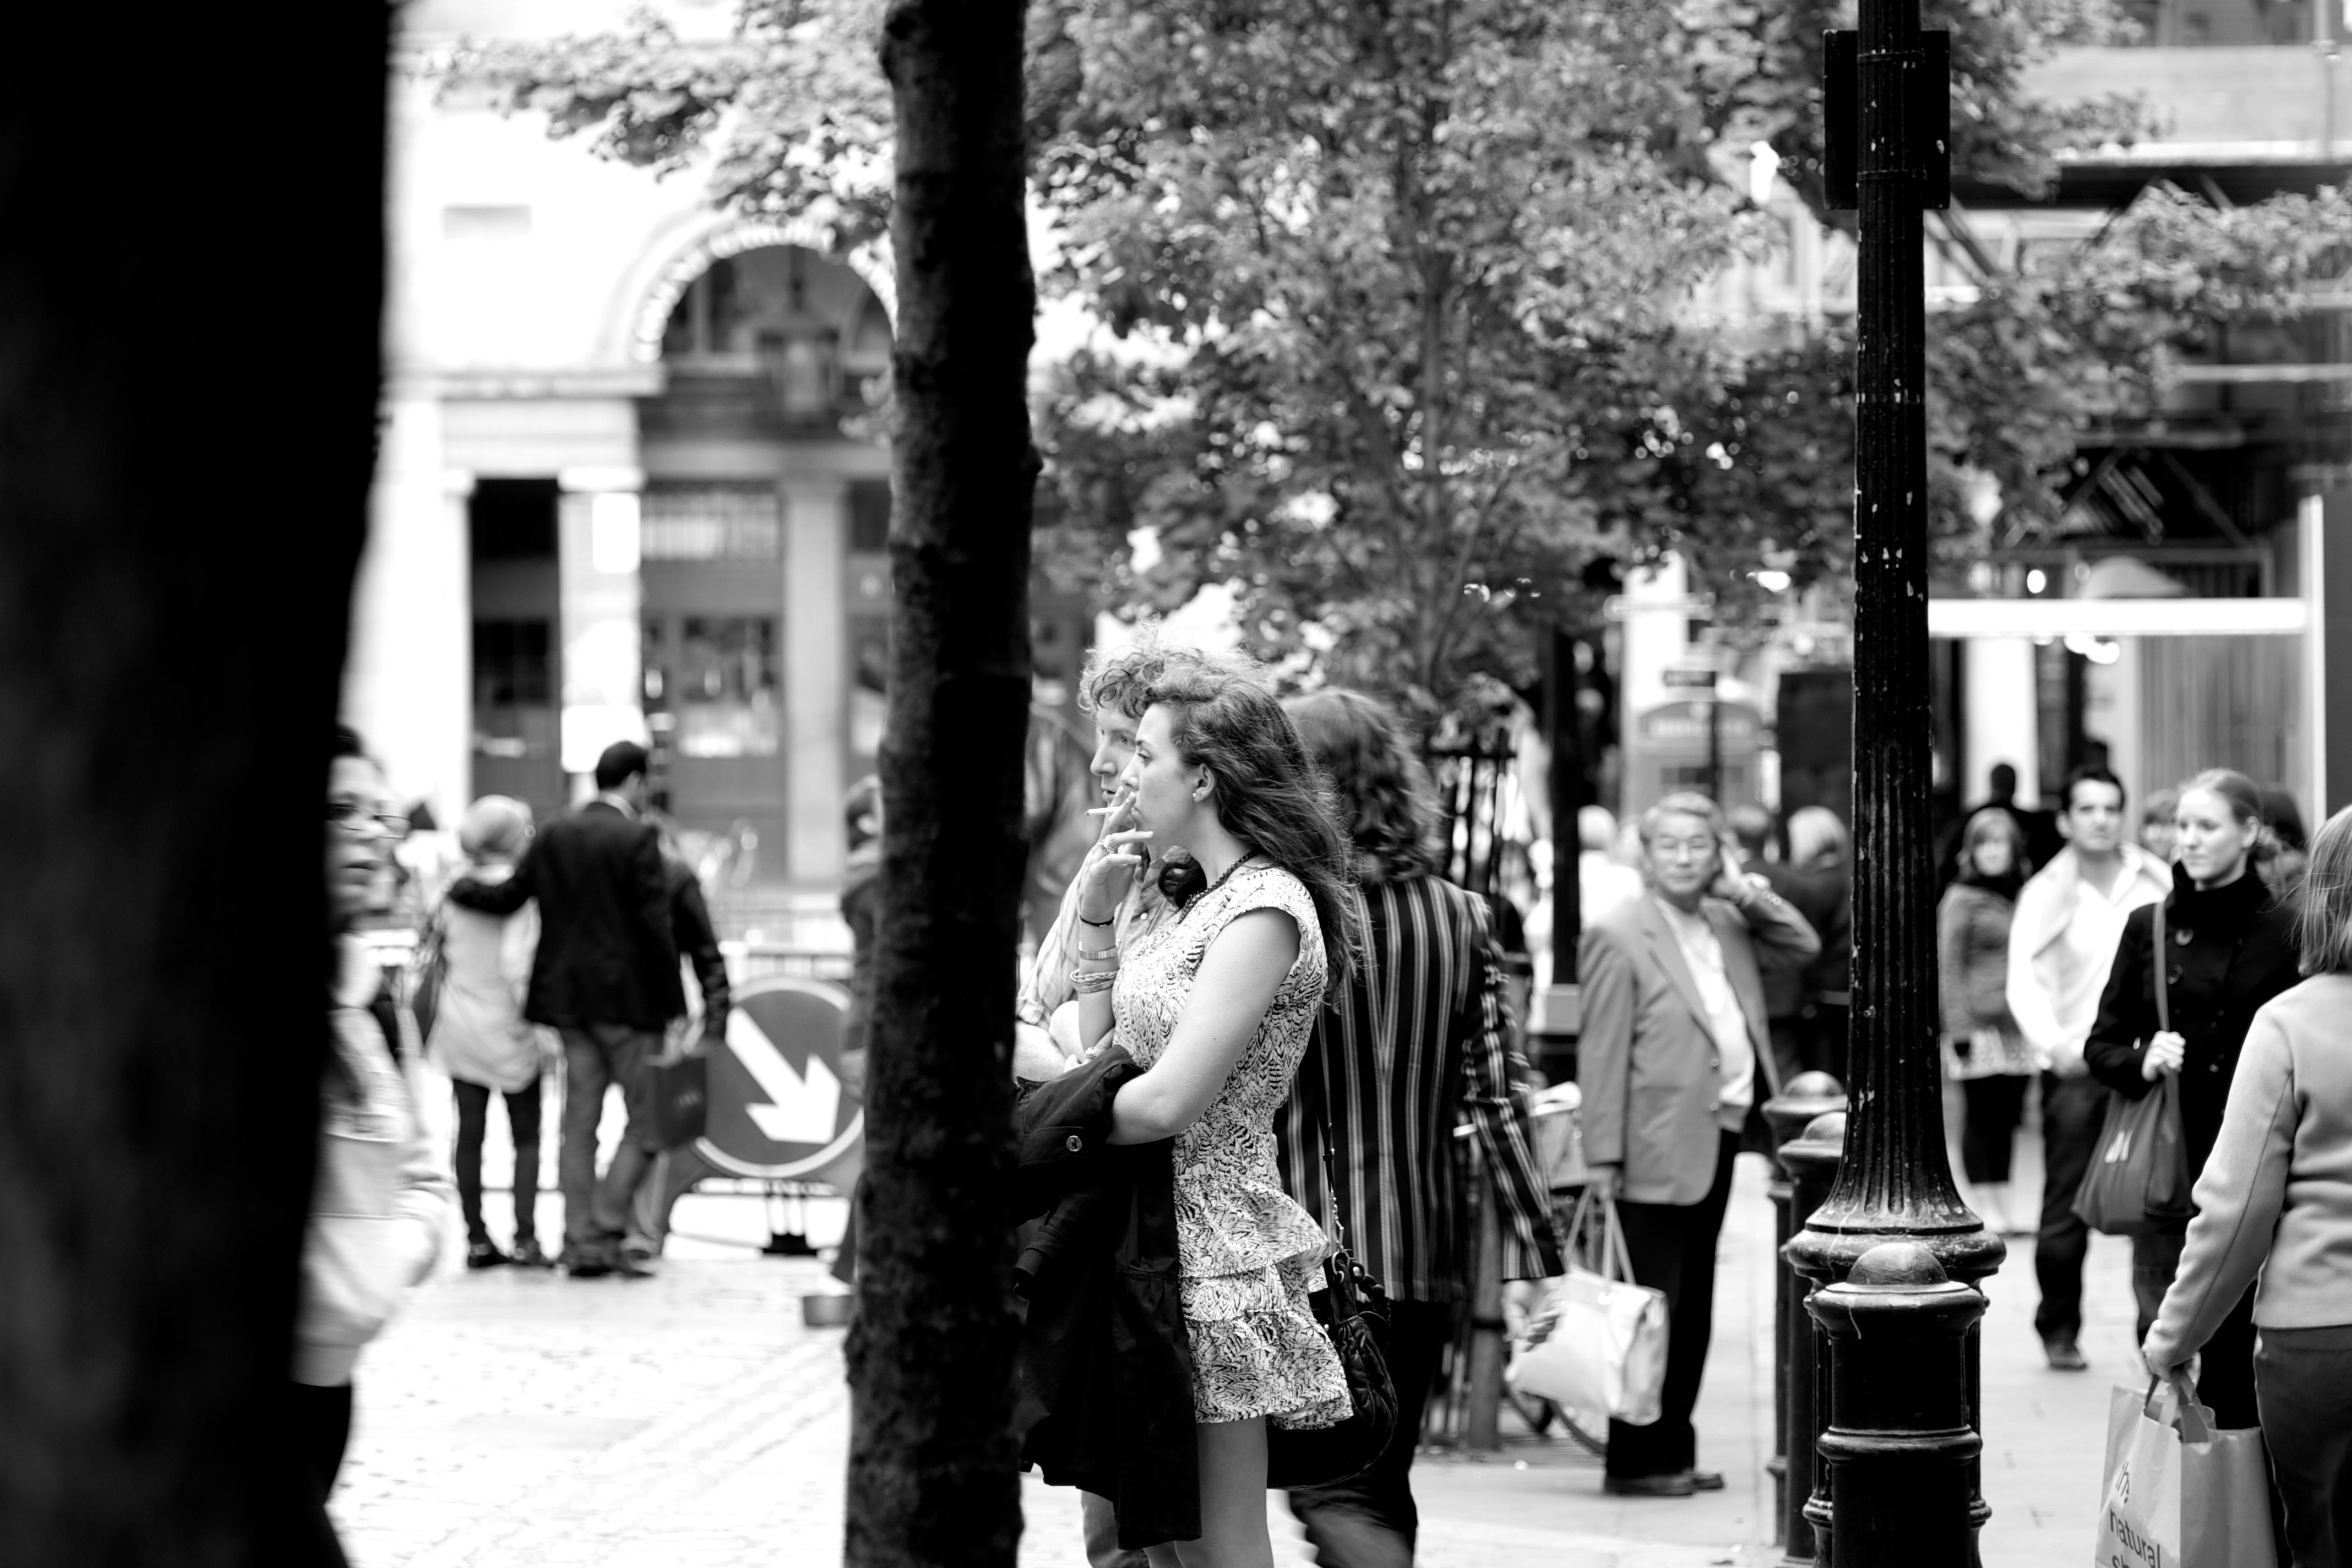 Fotos gratis : peatonal, en blanco y negro, gente, la carretera ...